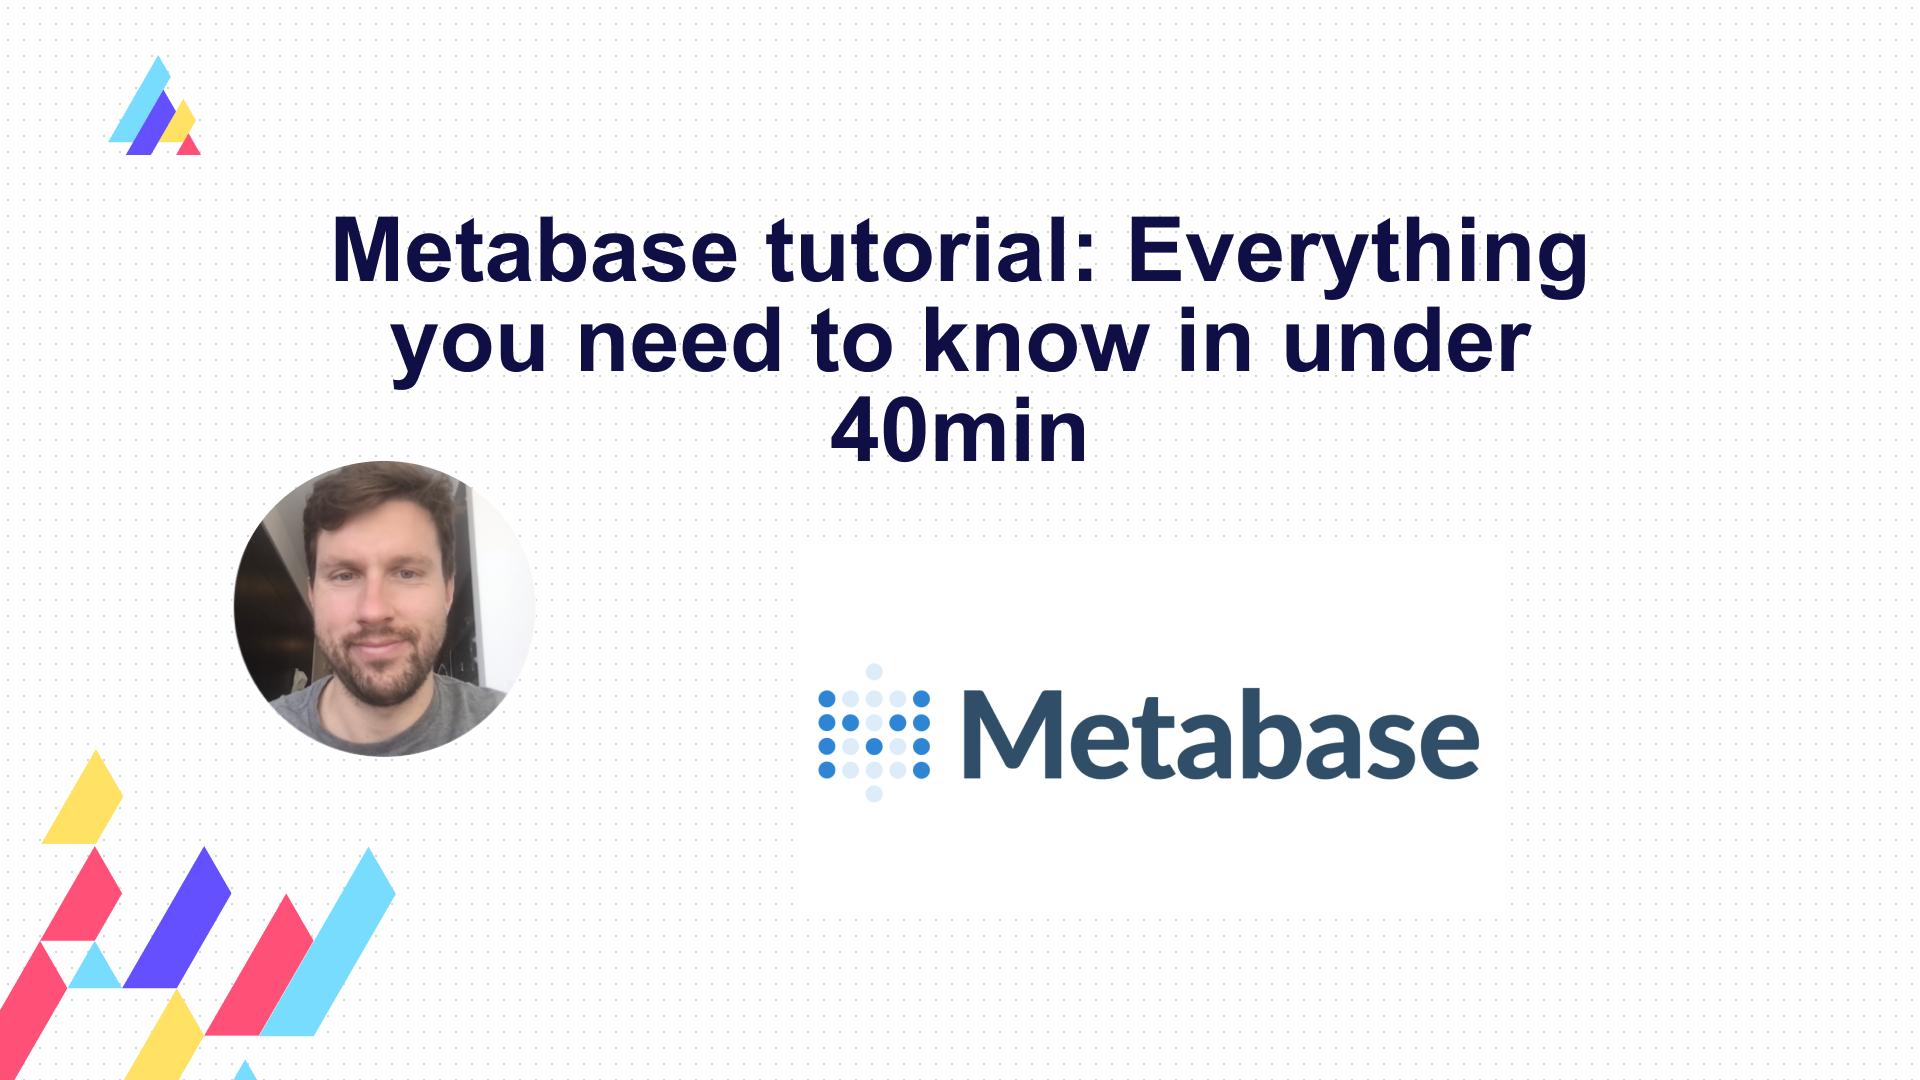 Metabase step by step tutorial